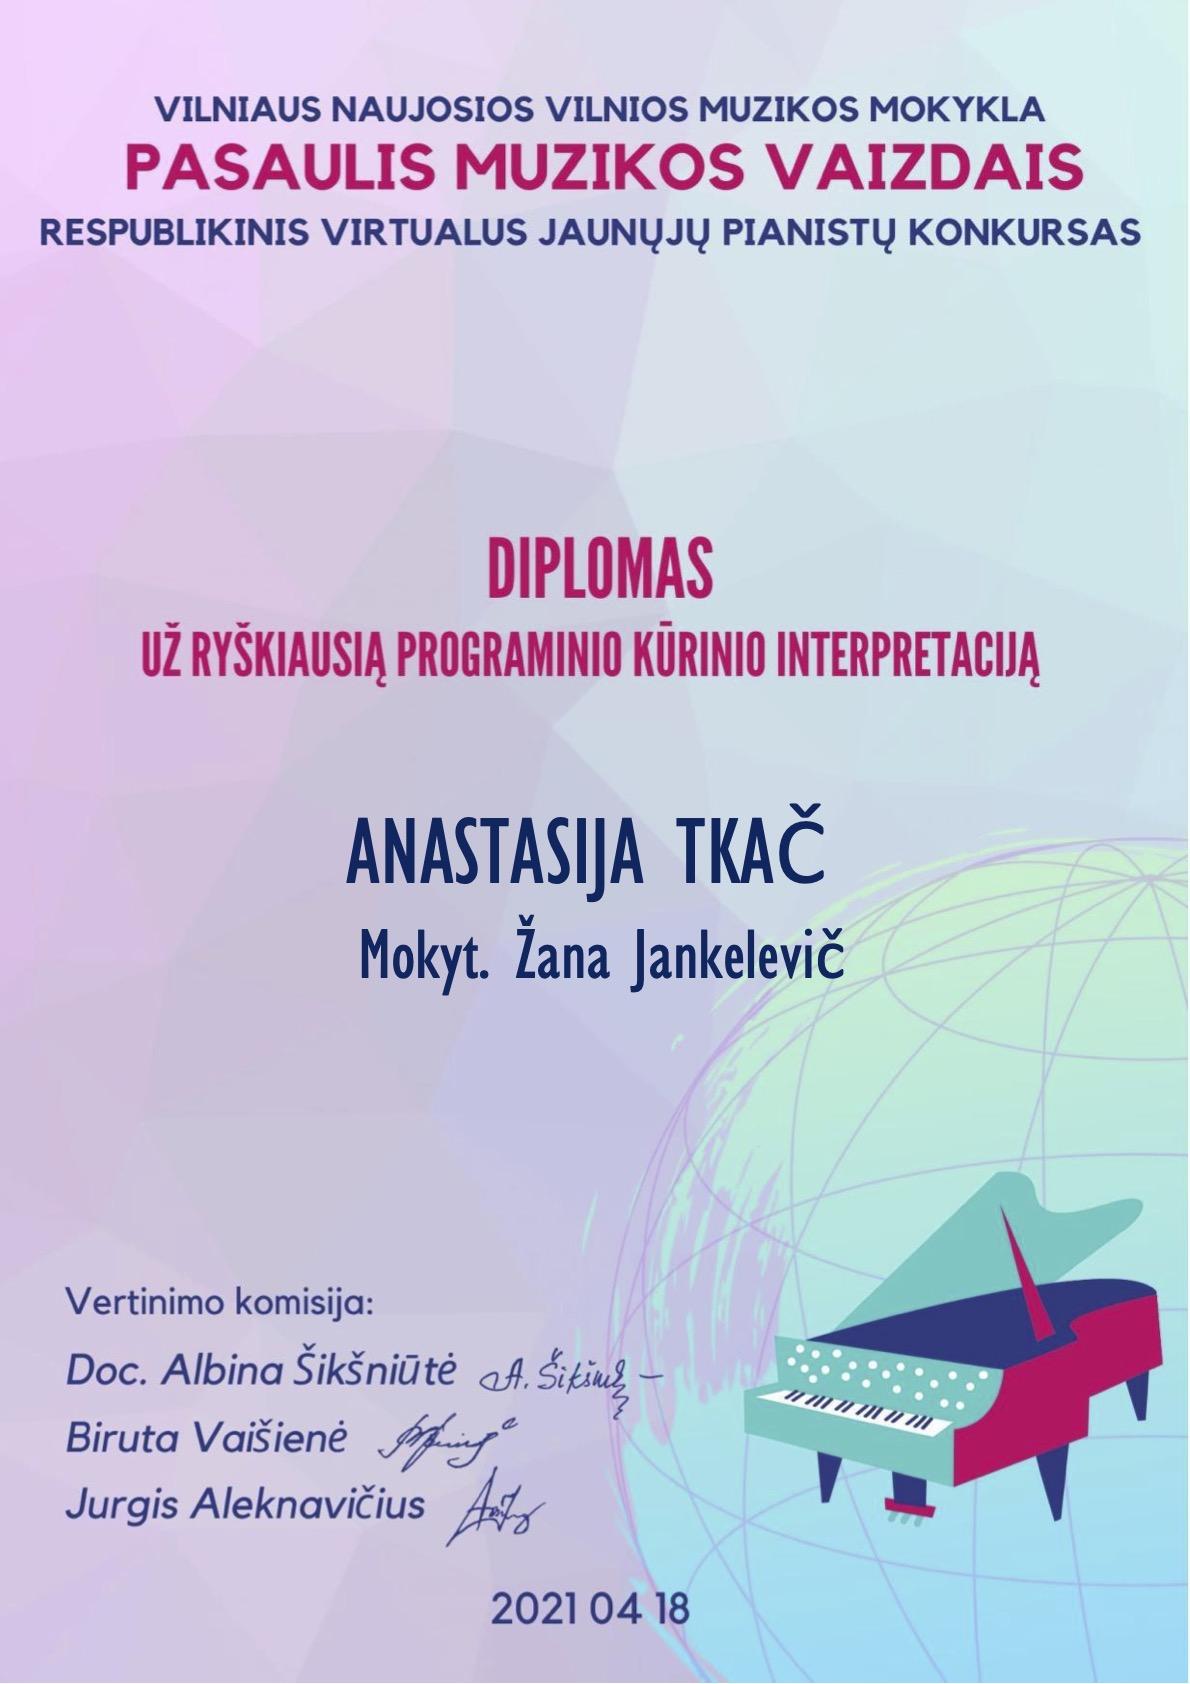 Nuoširdžiai sveikiname VKMA muzikos skyriaus auklėtinius ir jų mokytojus!